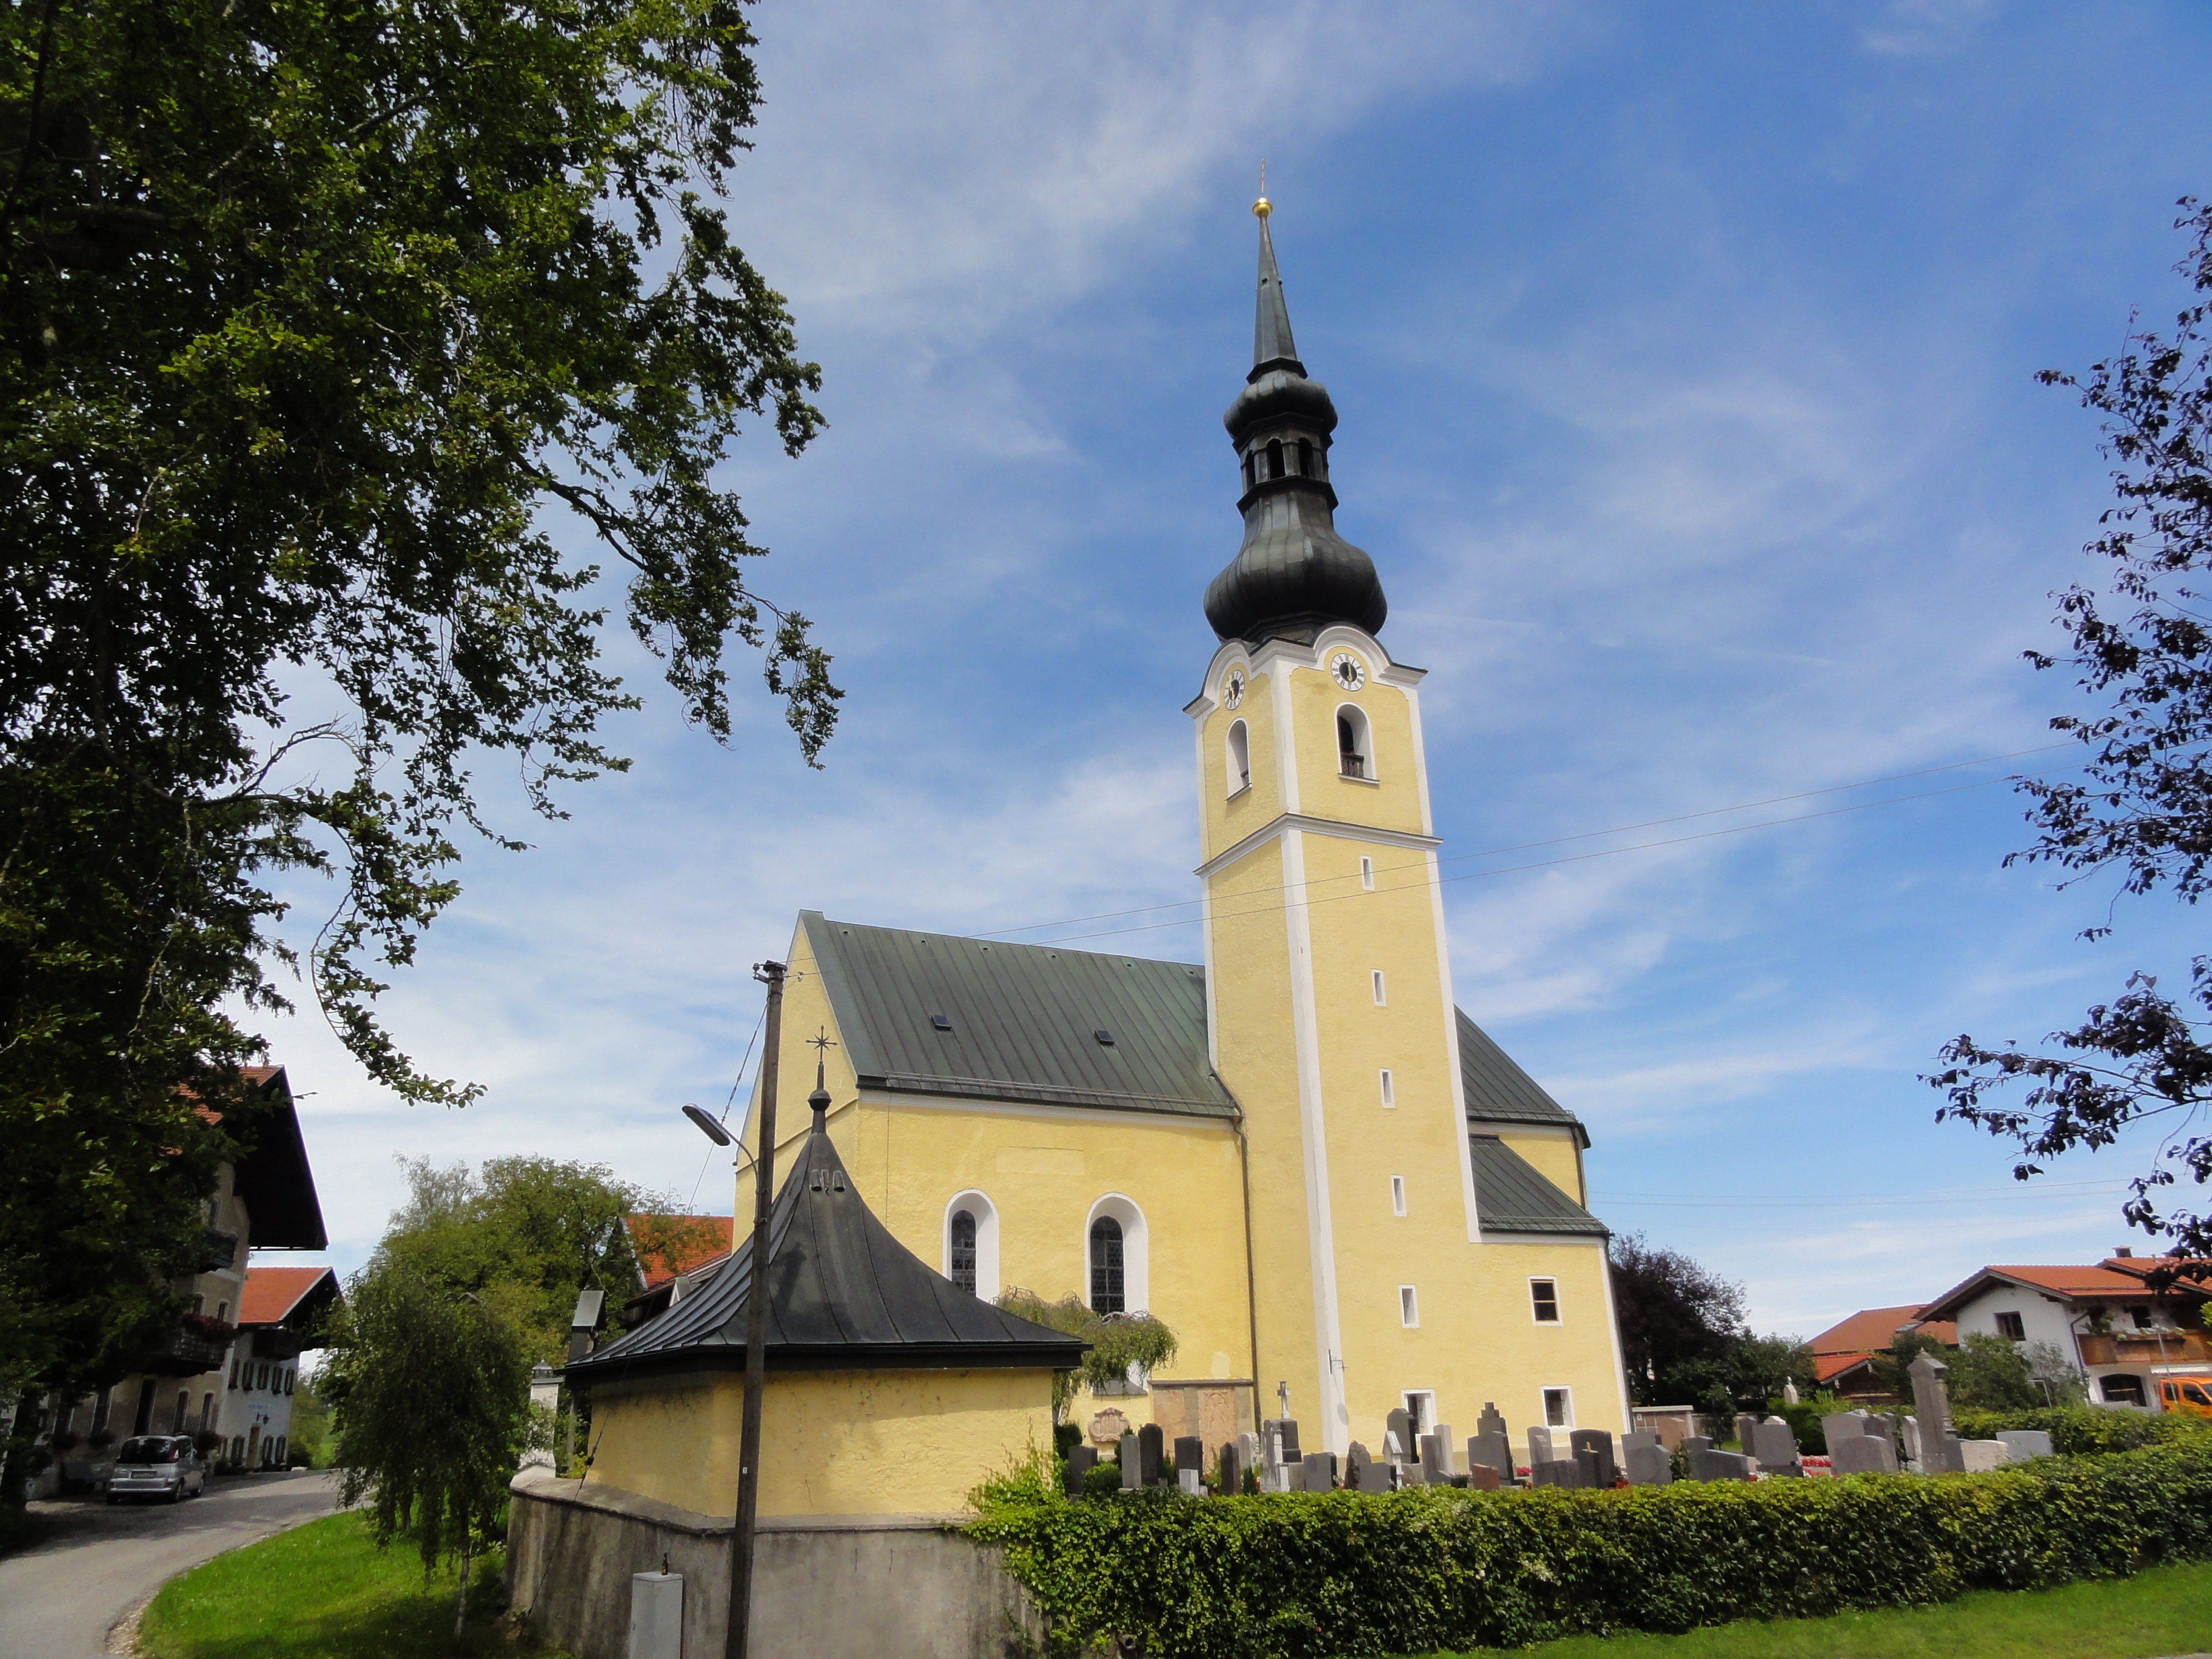 Ehemalige Wallfahrts- und Filialkirche Heilig Blut in Umrathshausen